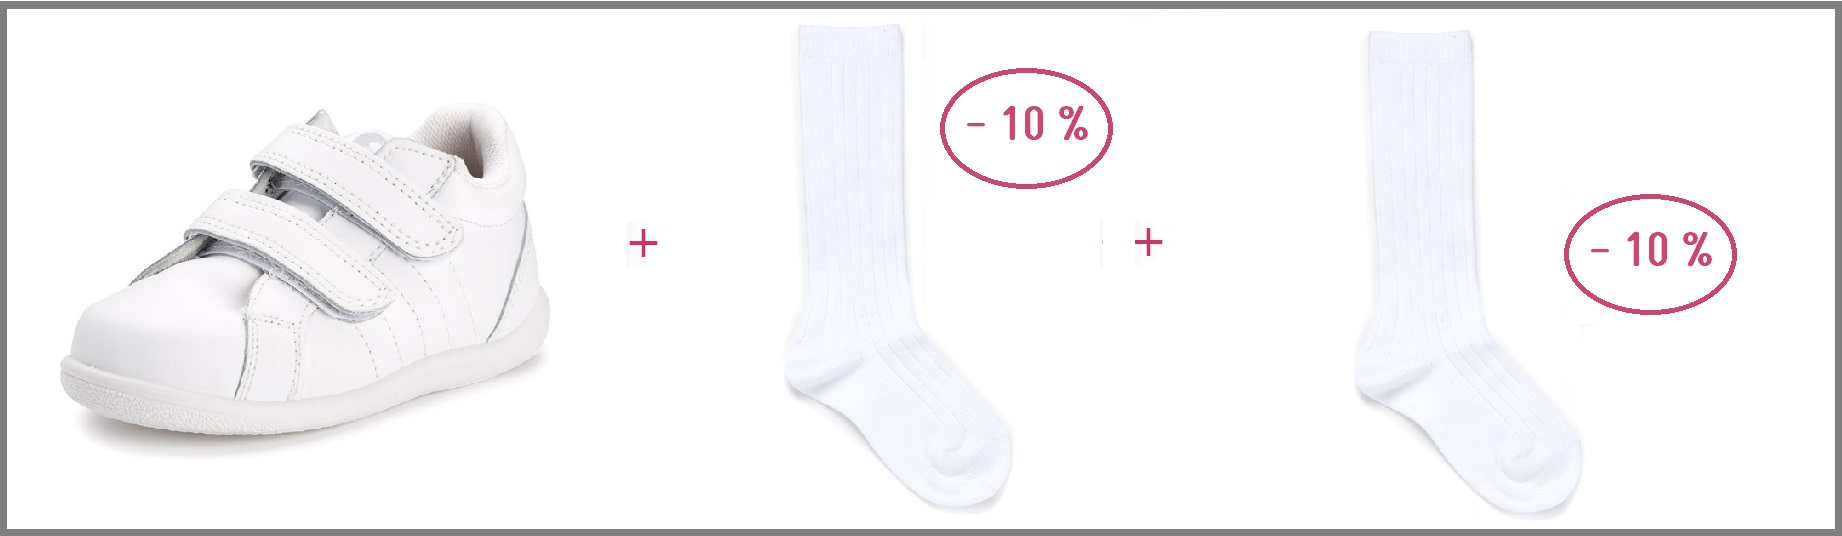 Collants Cóndor mais baratos! E meias, laços para o cabelo, luvas… Aproveite o nosso Desconto Pisacombos!